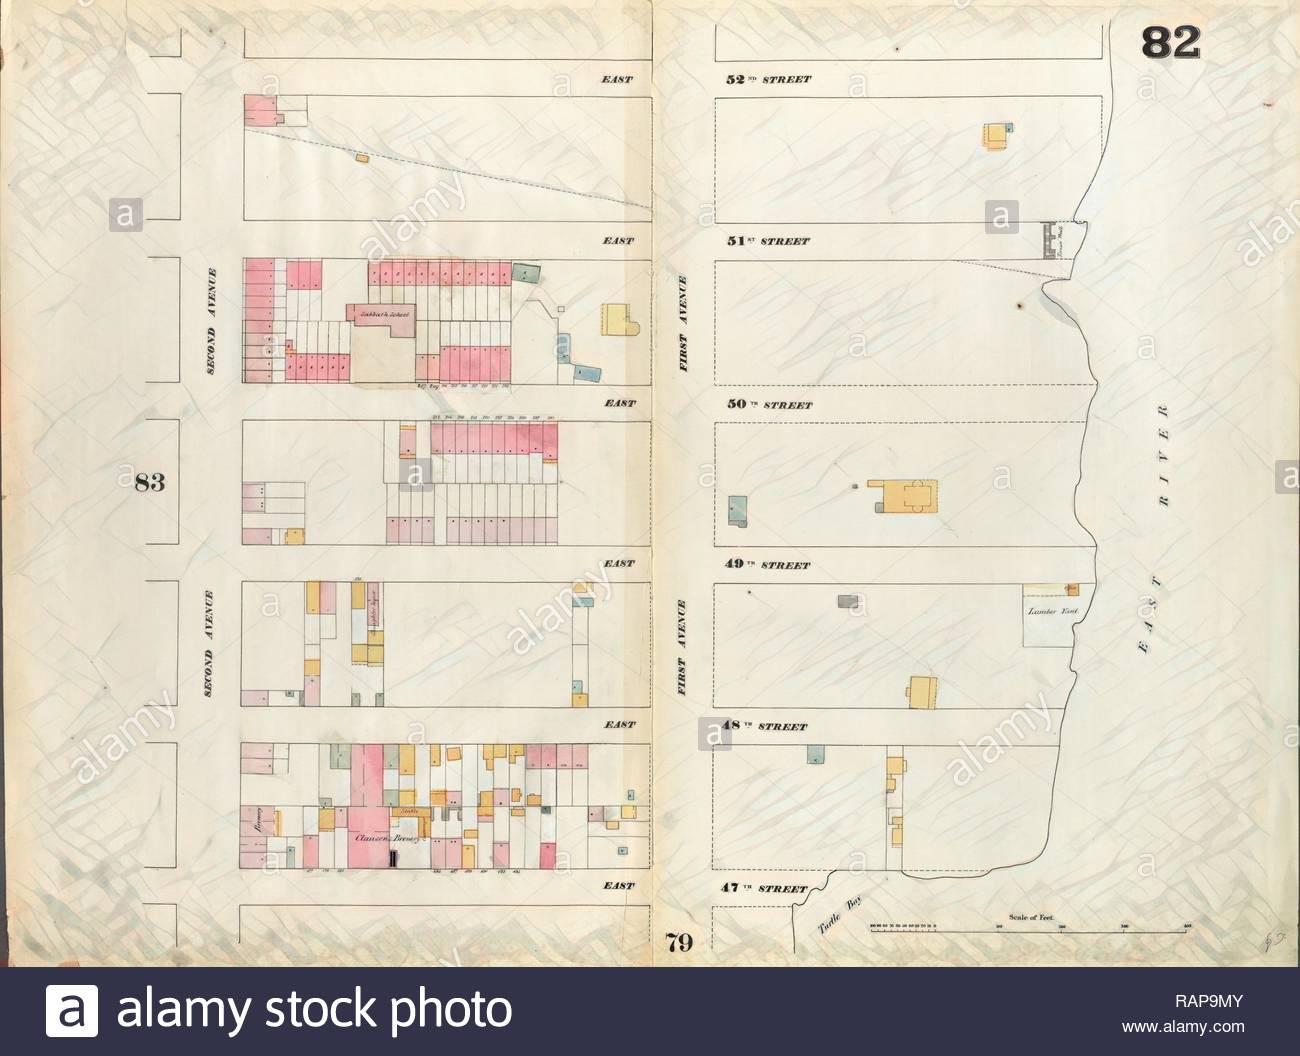 Plan Salon De Jardin En Palette Unique 1857 82 Stock S & 1857 82 Stock Alamy